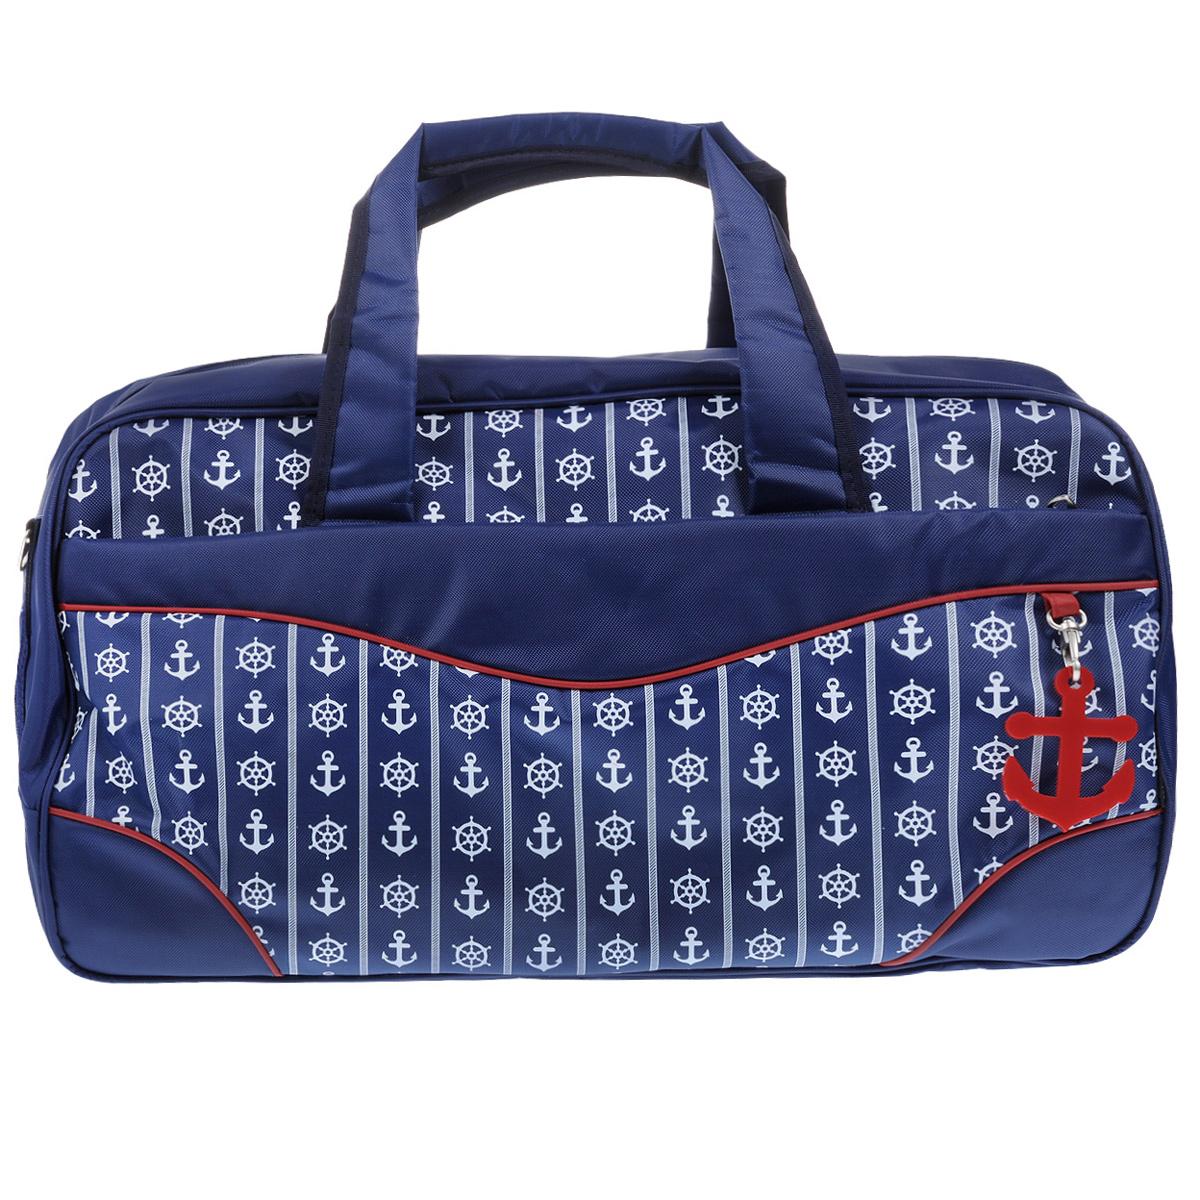 Сумка дорожная Antan Морская, цвет: синий. 2-3L3-47670-00504Вместительная дорожная сумка Antan выполнена из полиэстера и оформлена принтом в морском стиле. Сумка имеет одно отделение, закрывающееся на застежку-молнию. Внутри - вшитый карман на молнии и два открытых накладных кармашка. С внешней стороны расположены два вшитых кармана на молниях.Сумка оснащена двумя удобными ручками и съемным плечевым ремнем регулируемой длины. Такая сумка будет незаменима при походе в спортзал, а также может использоваться в качестве ручной клади во время путешествия.